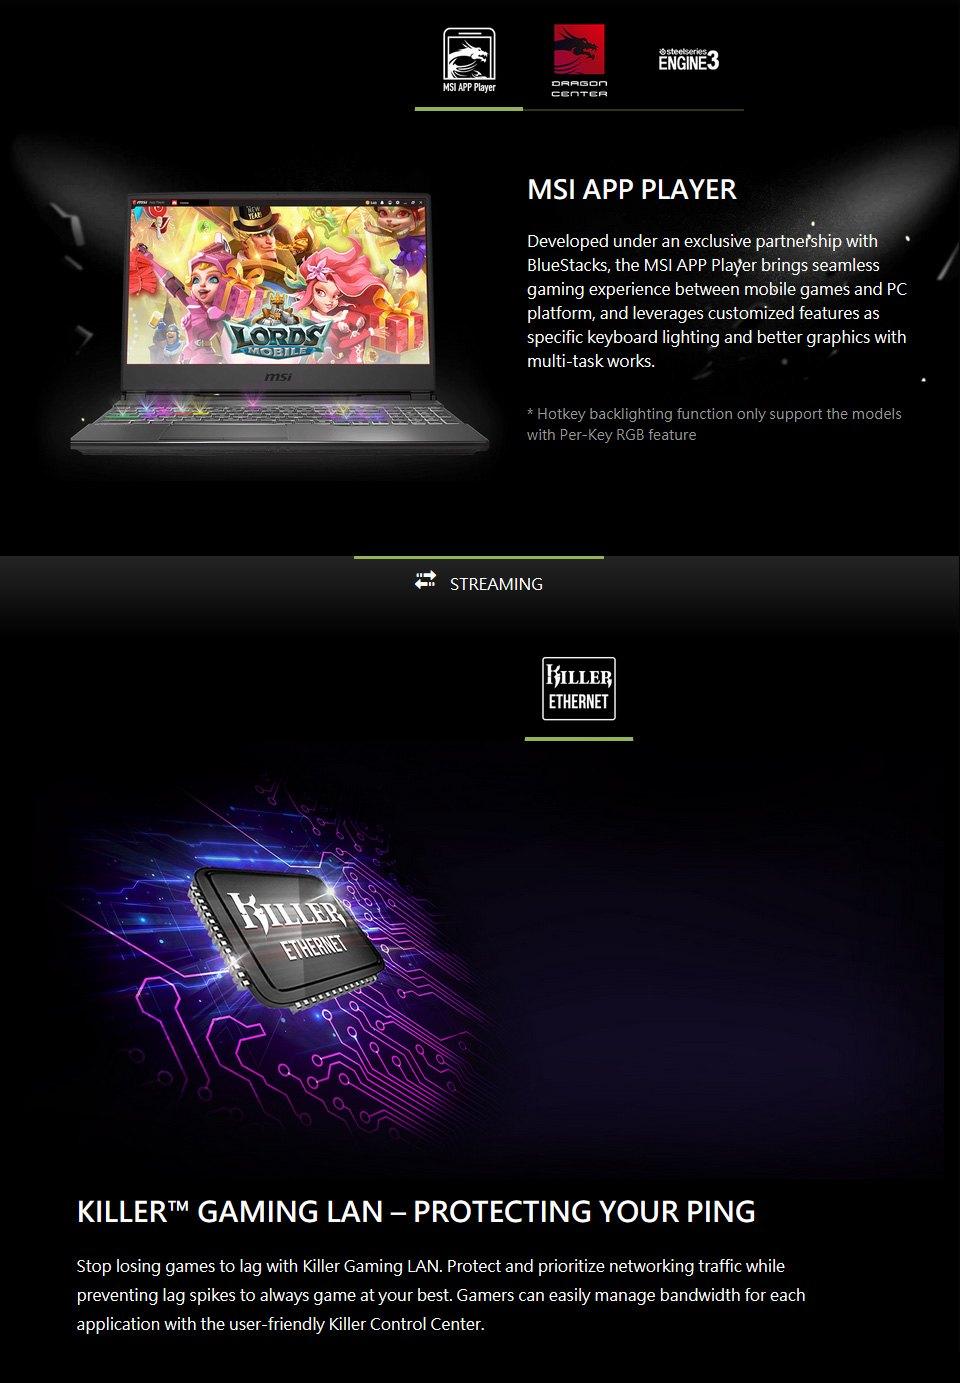 MSI Alpha AMD Ryzen 7 Radeon RX 5500M 15.6in 120Hz Laptop features 3